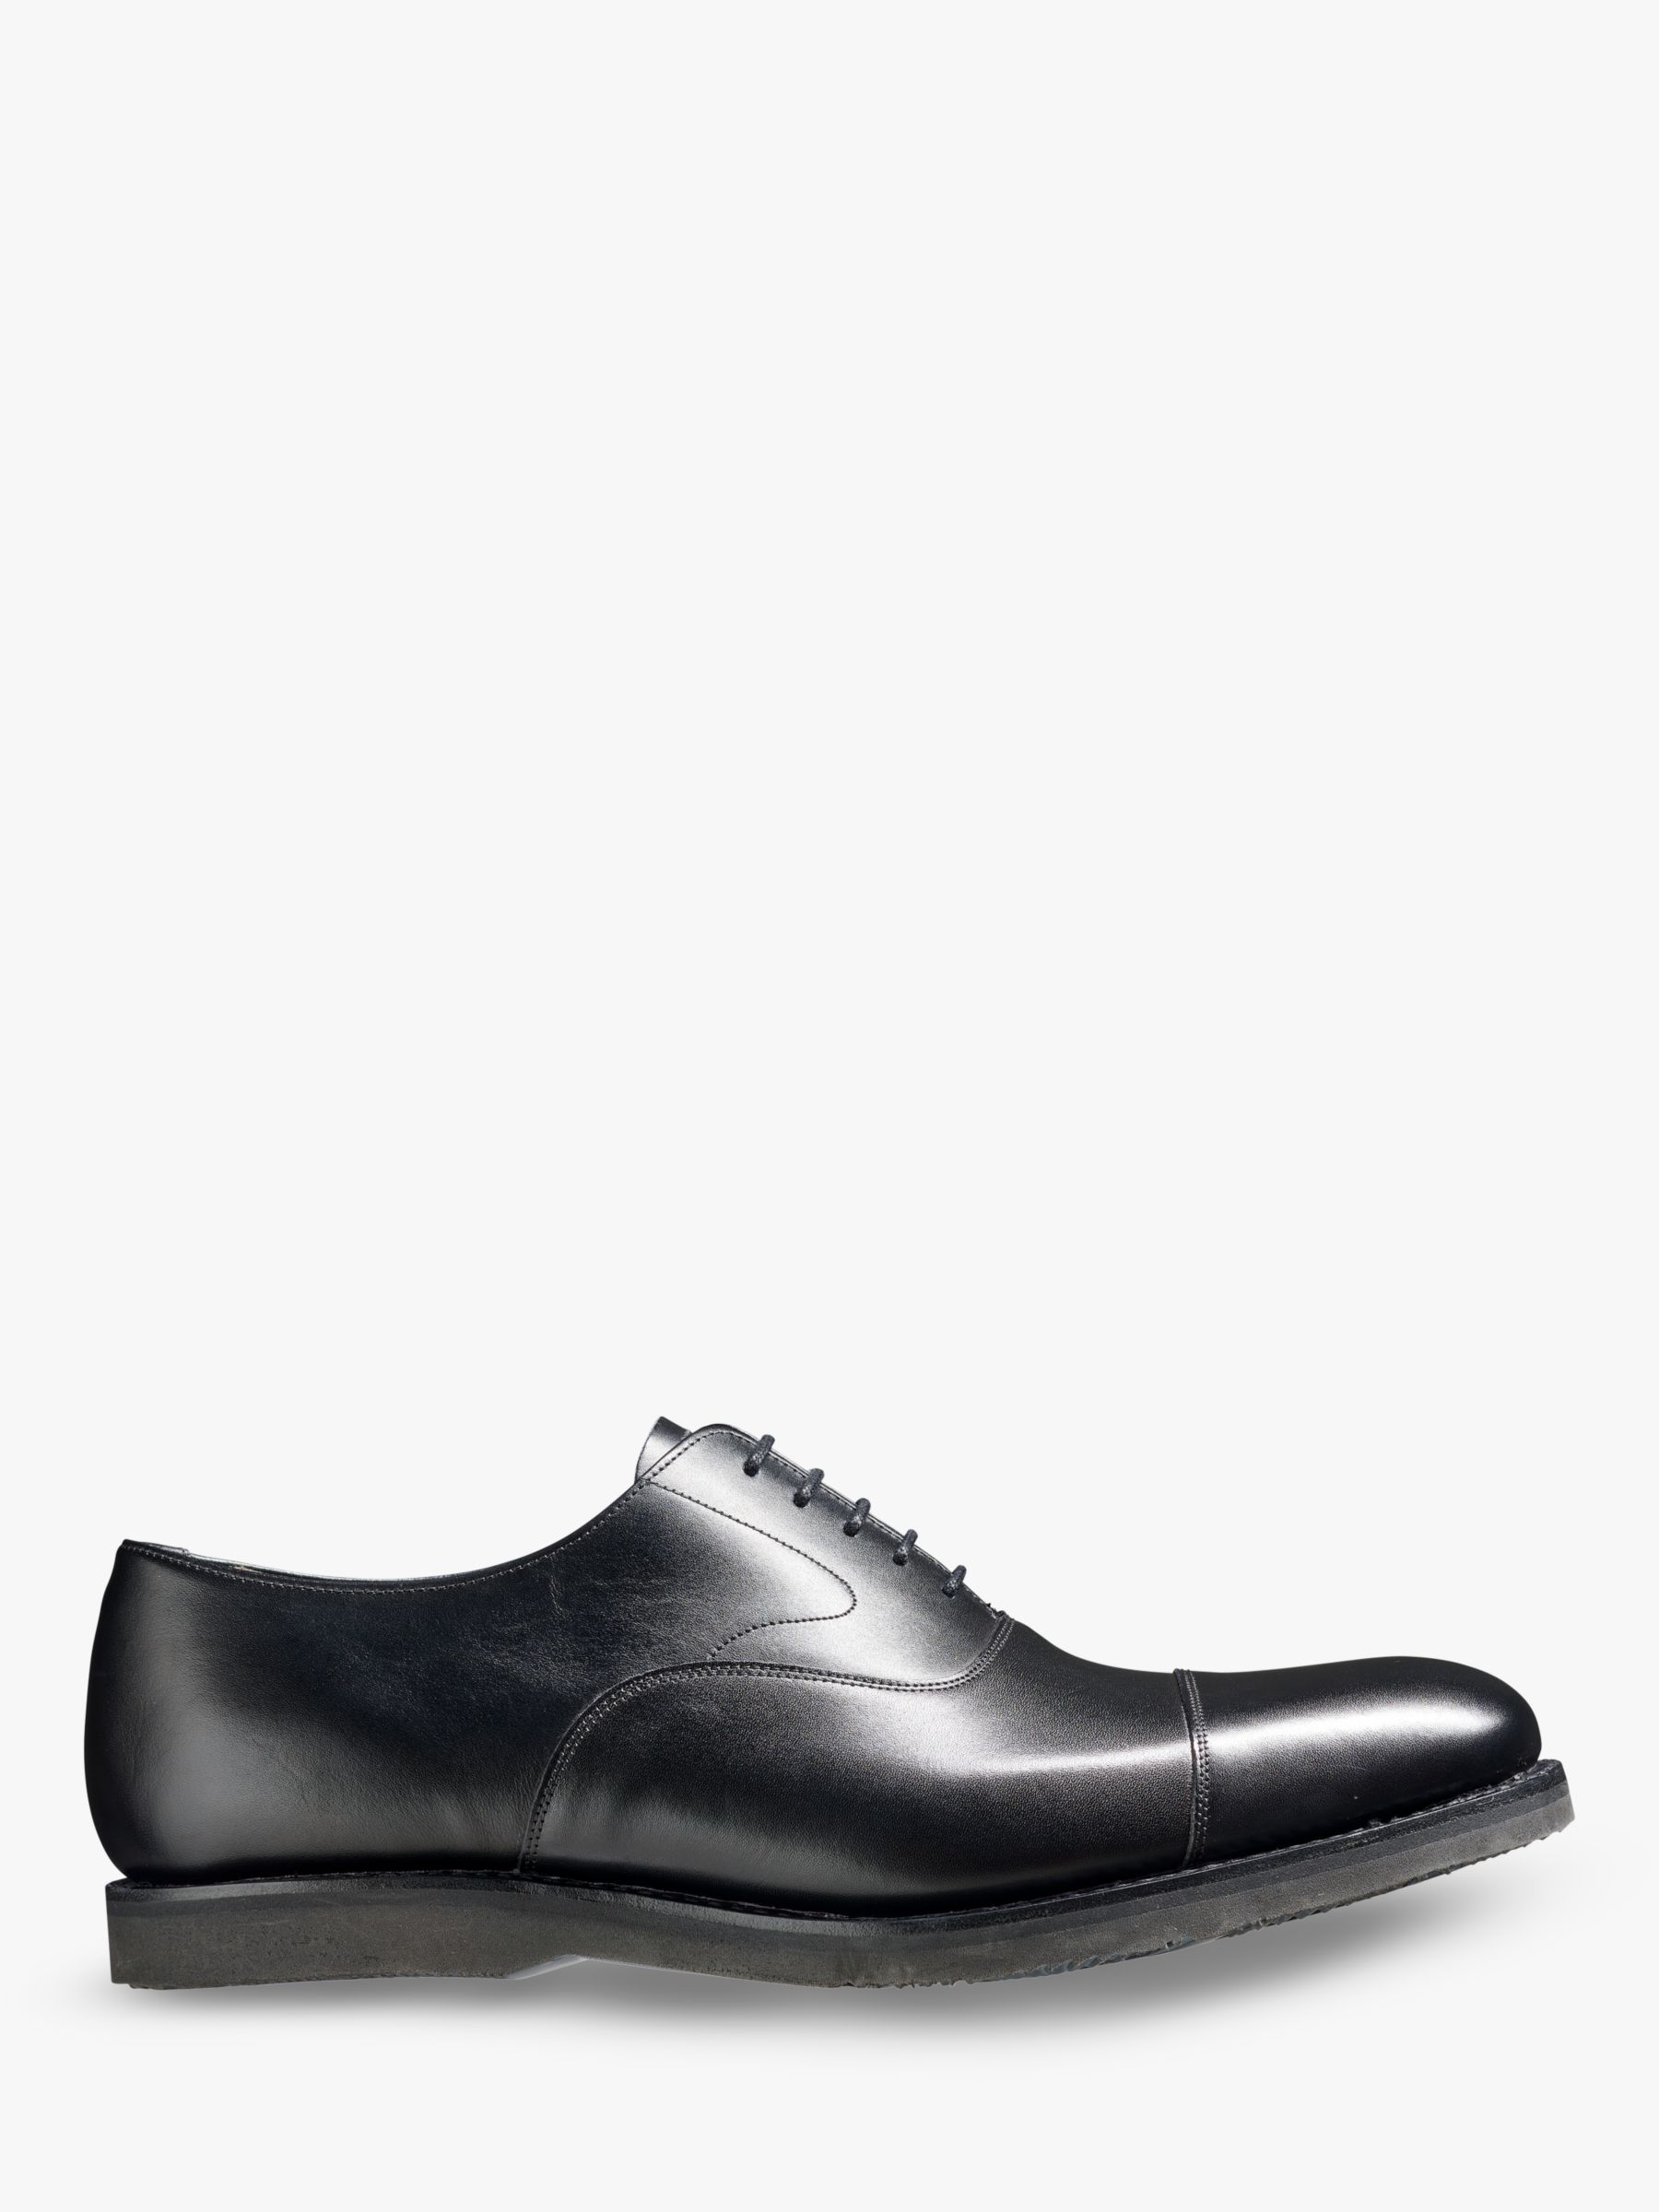 Barker Barker Stan Leather Oxford Shoes, Black Calf